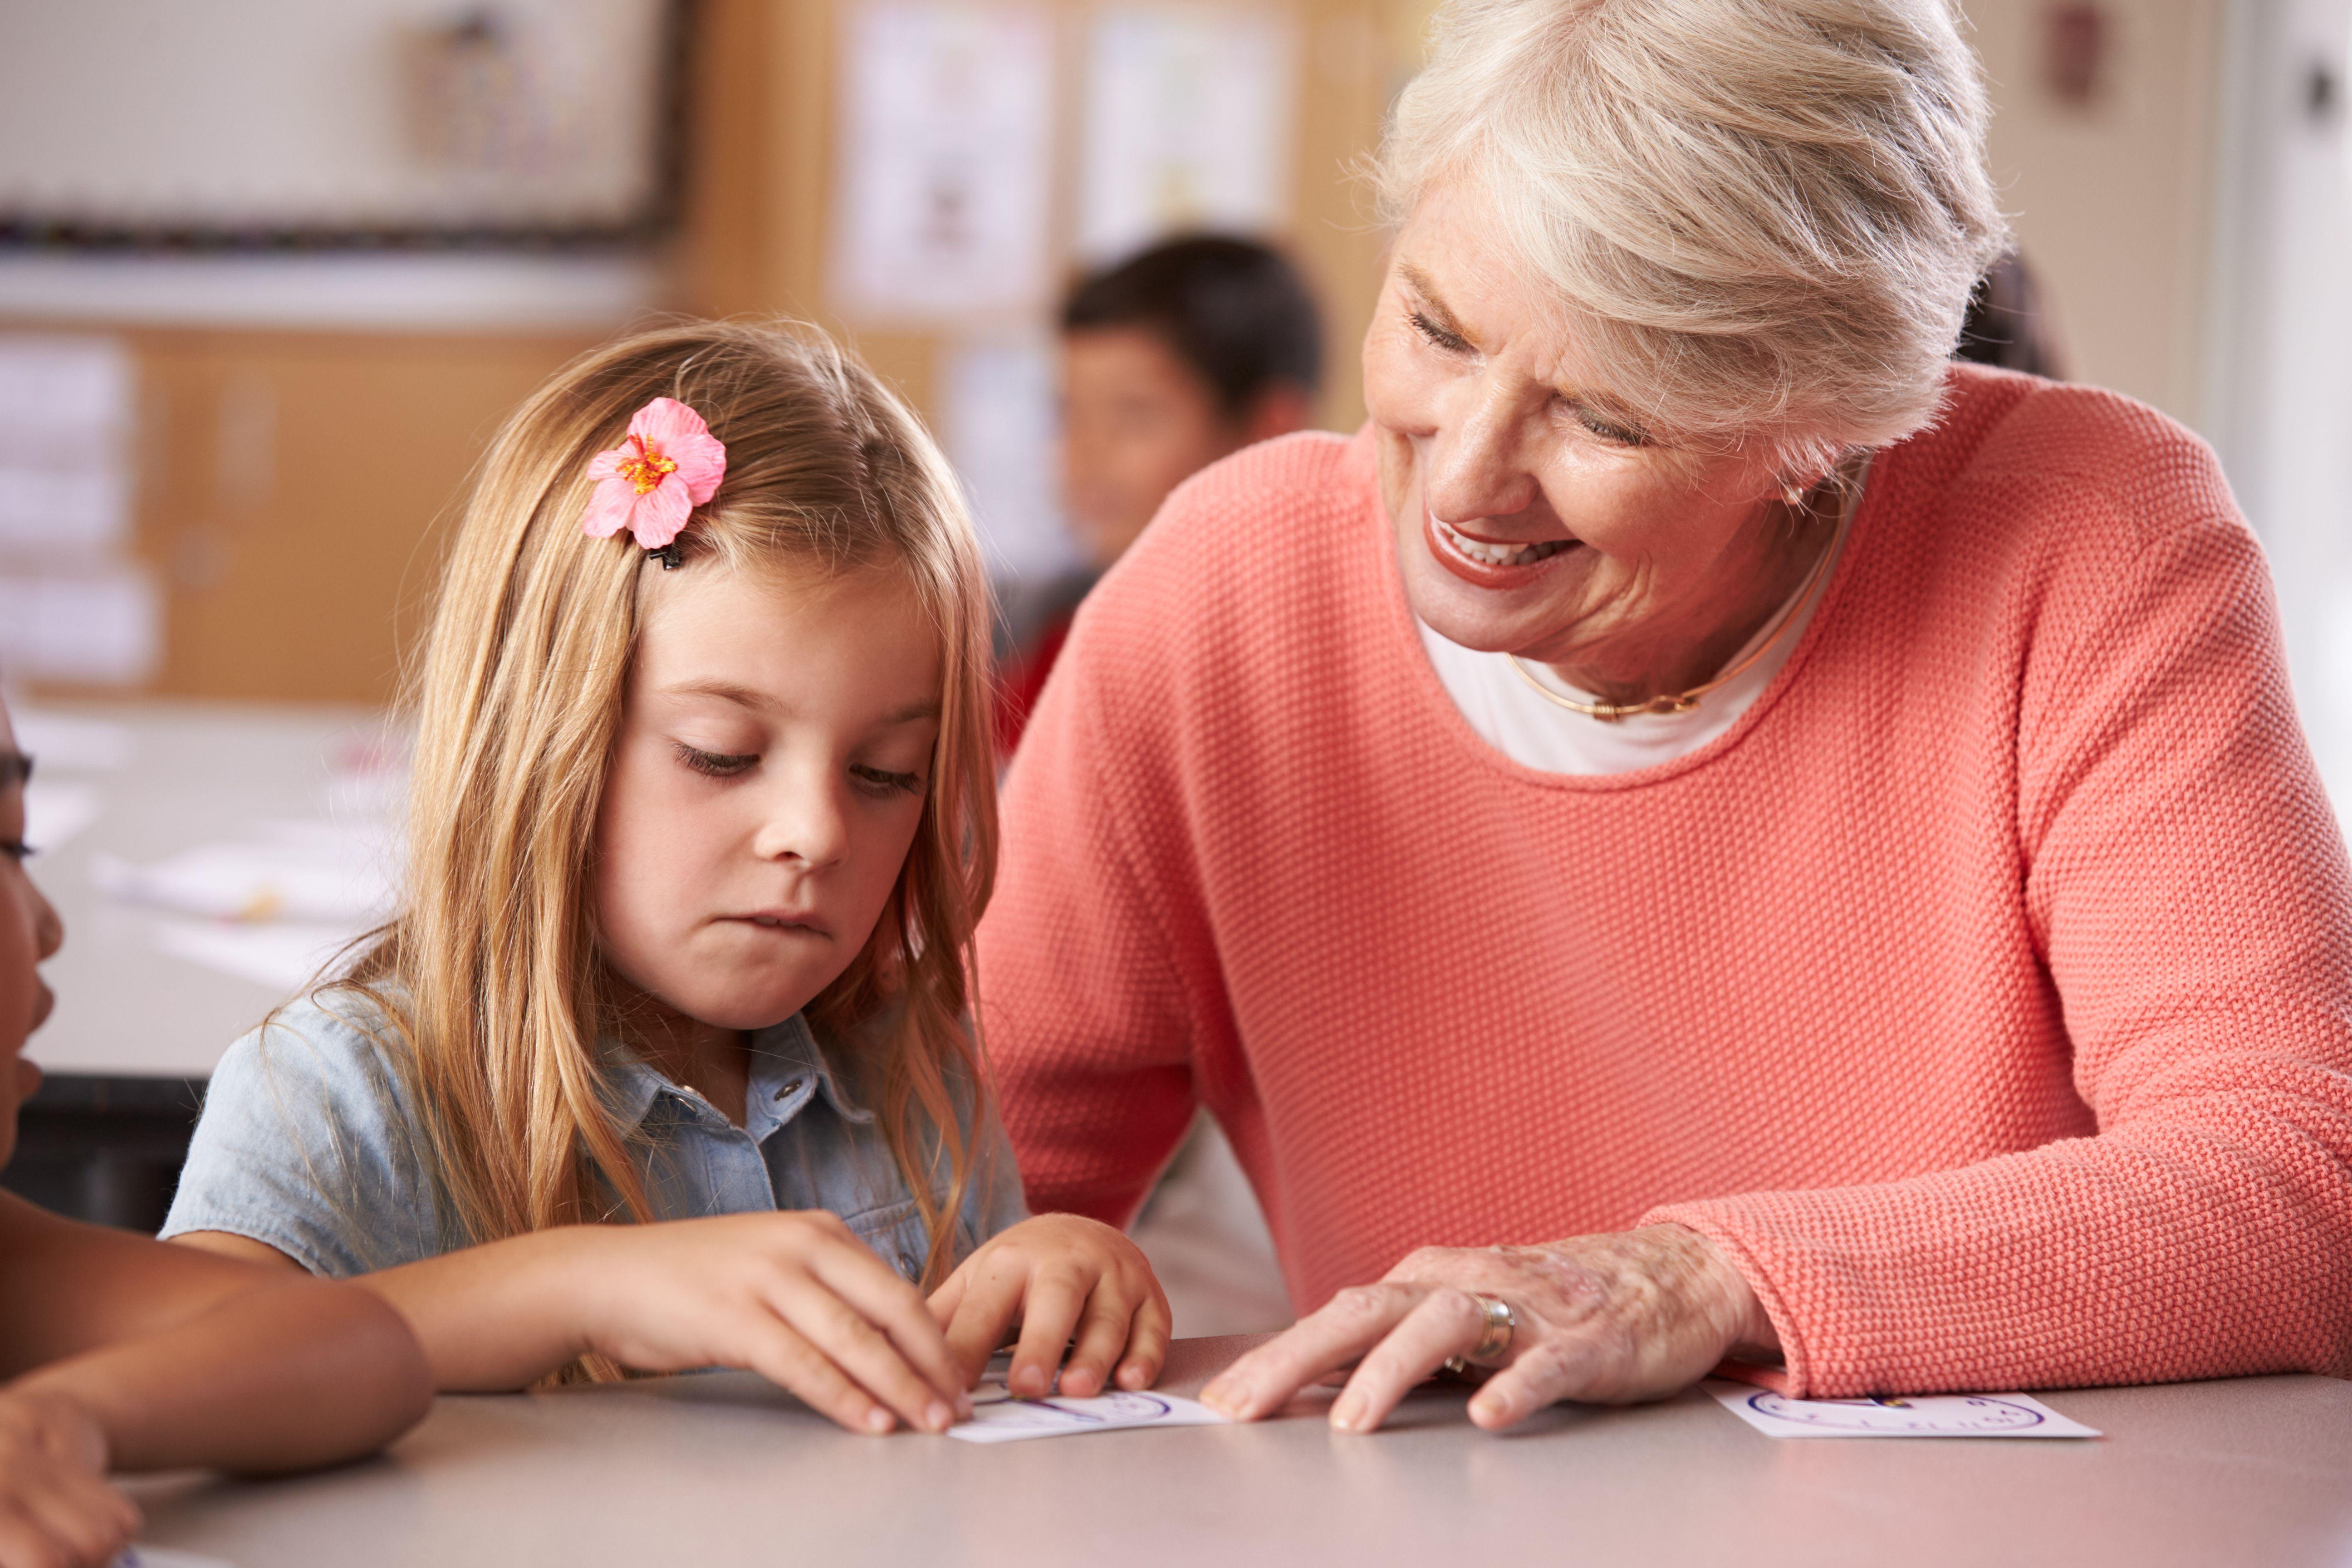 Enseignante à la retraite qui joue avec les mots avec une petite fille